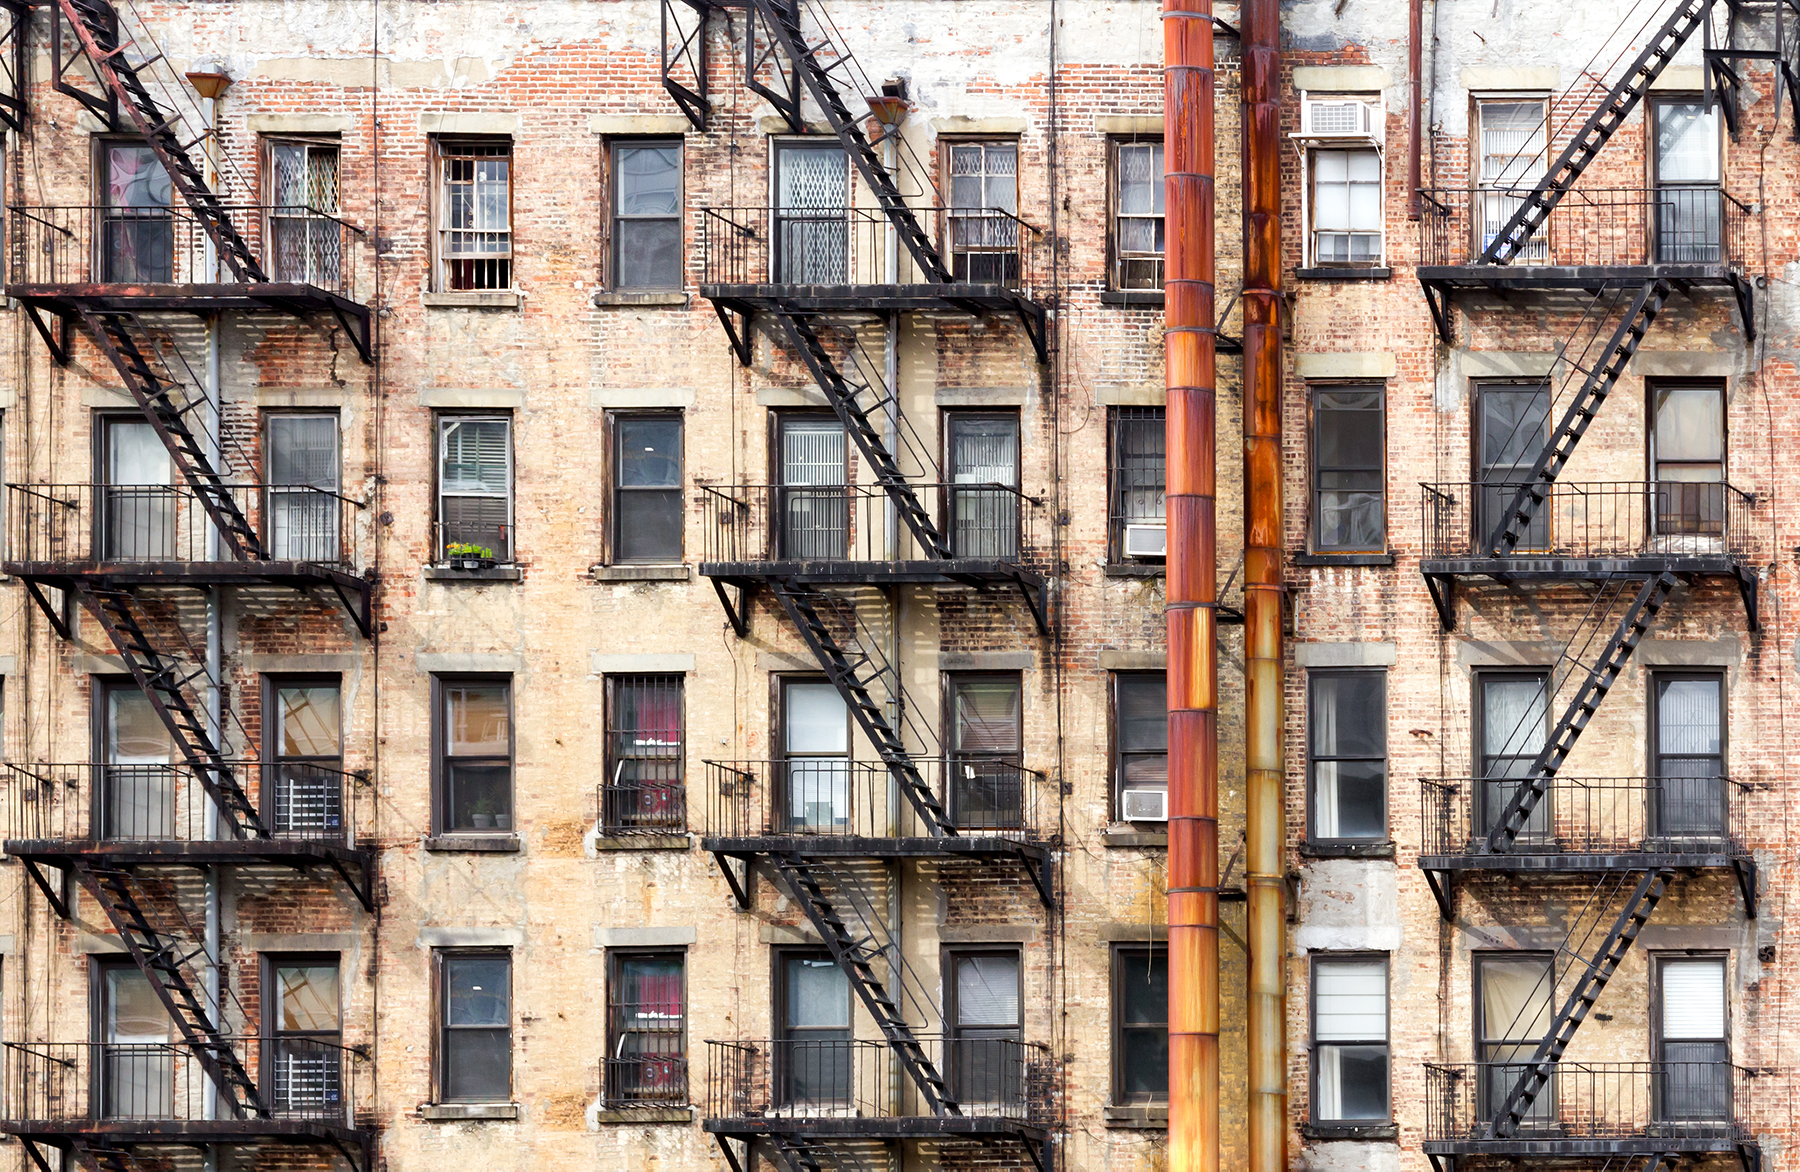 Wenn Gebäude ein eigenes Bewusstsein hätten, was würden sie uns wohl mitteilen?